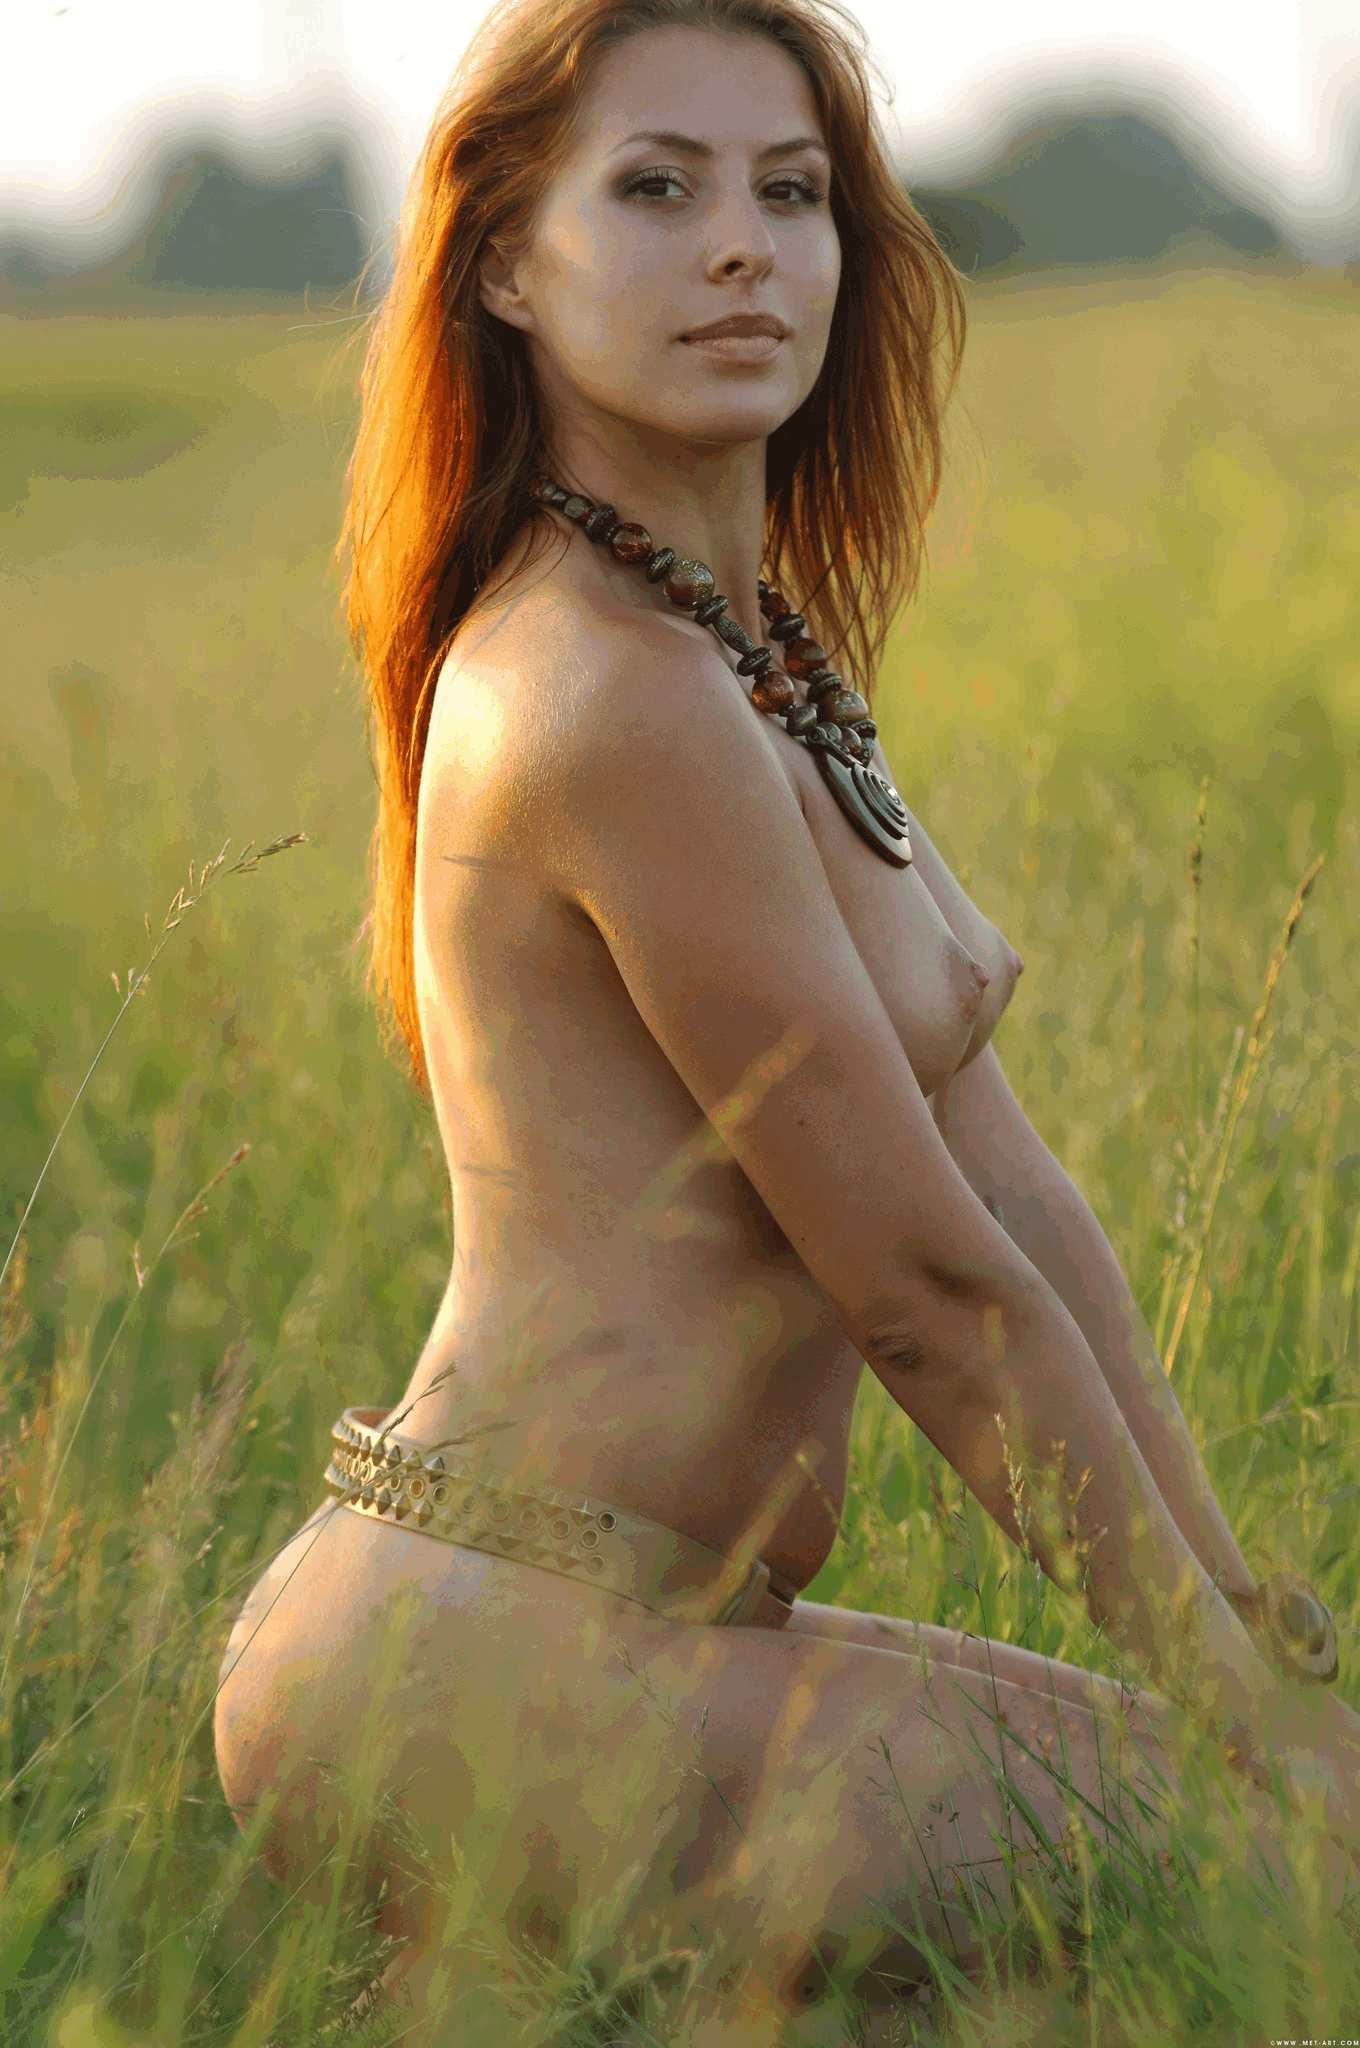 Соломия витвитьцка порно 5 фотография